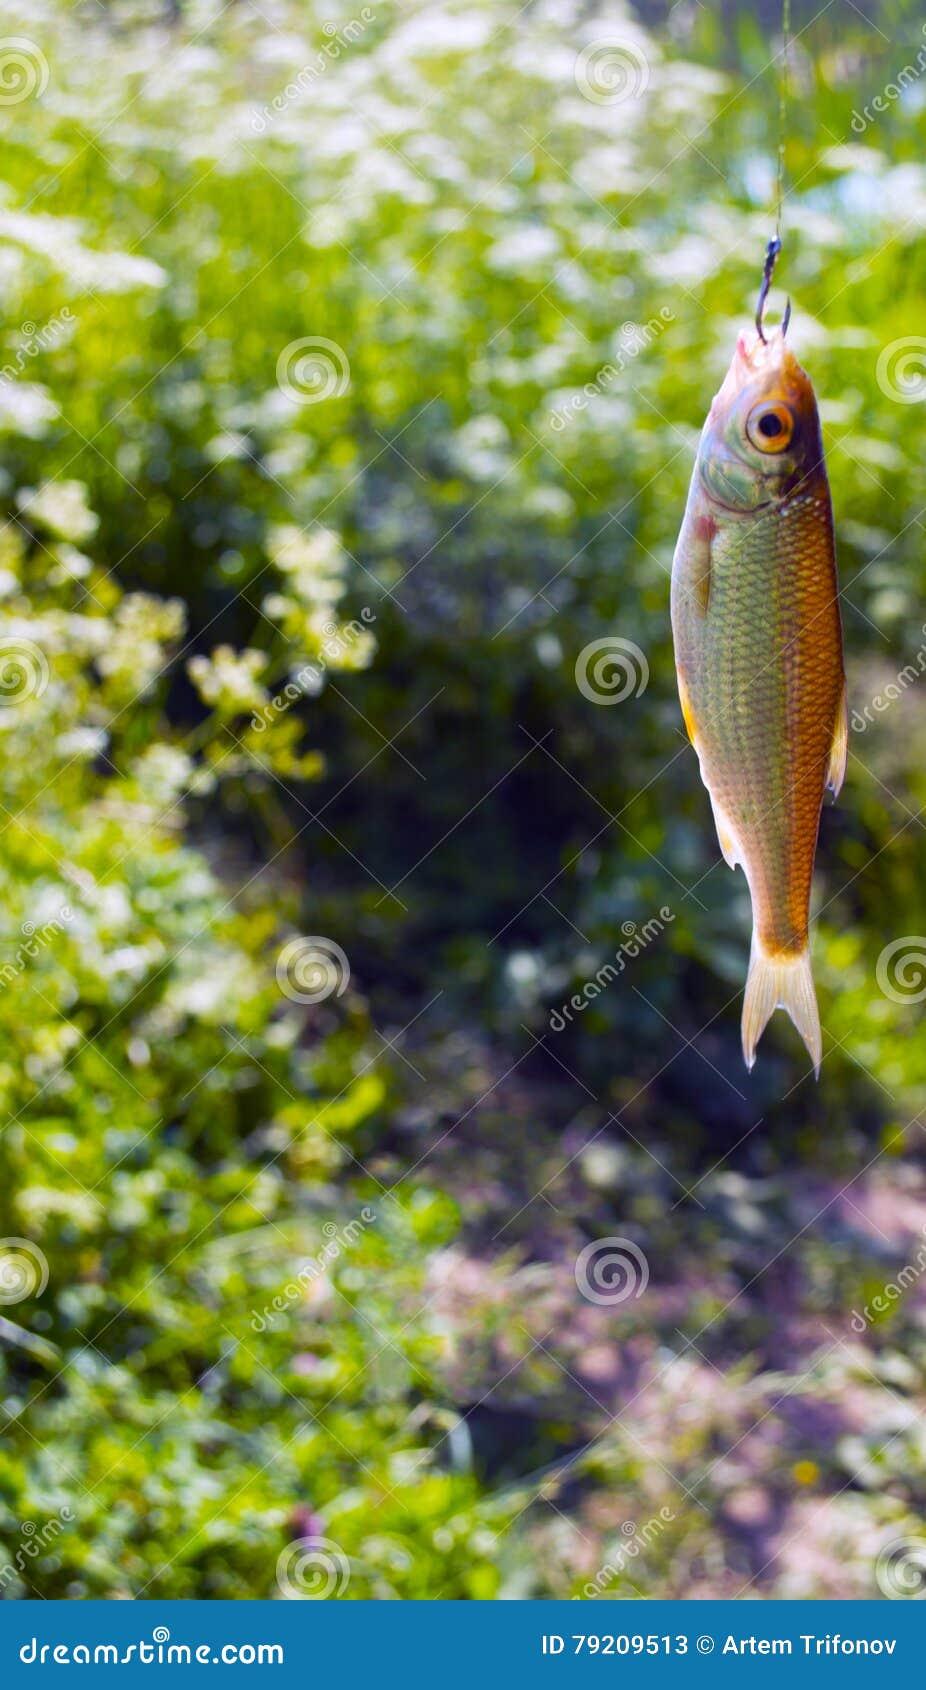 Un petit poisson s est propagé un crochet, sur un fond d herbe verte